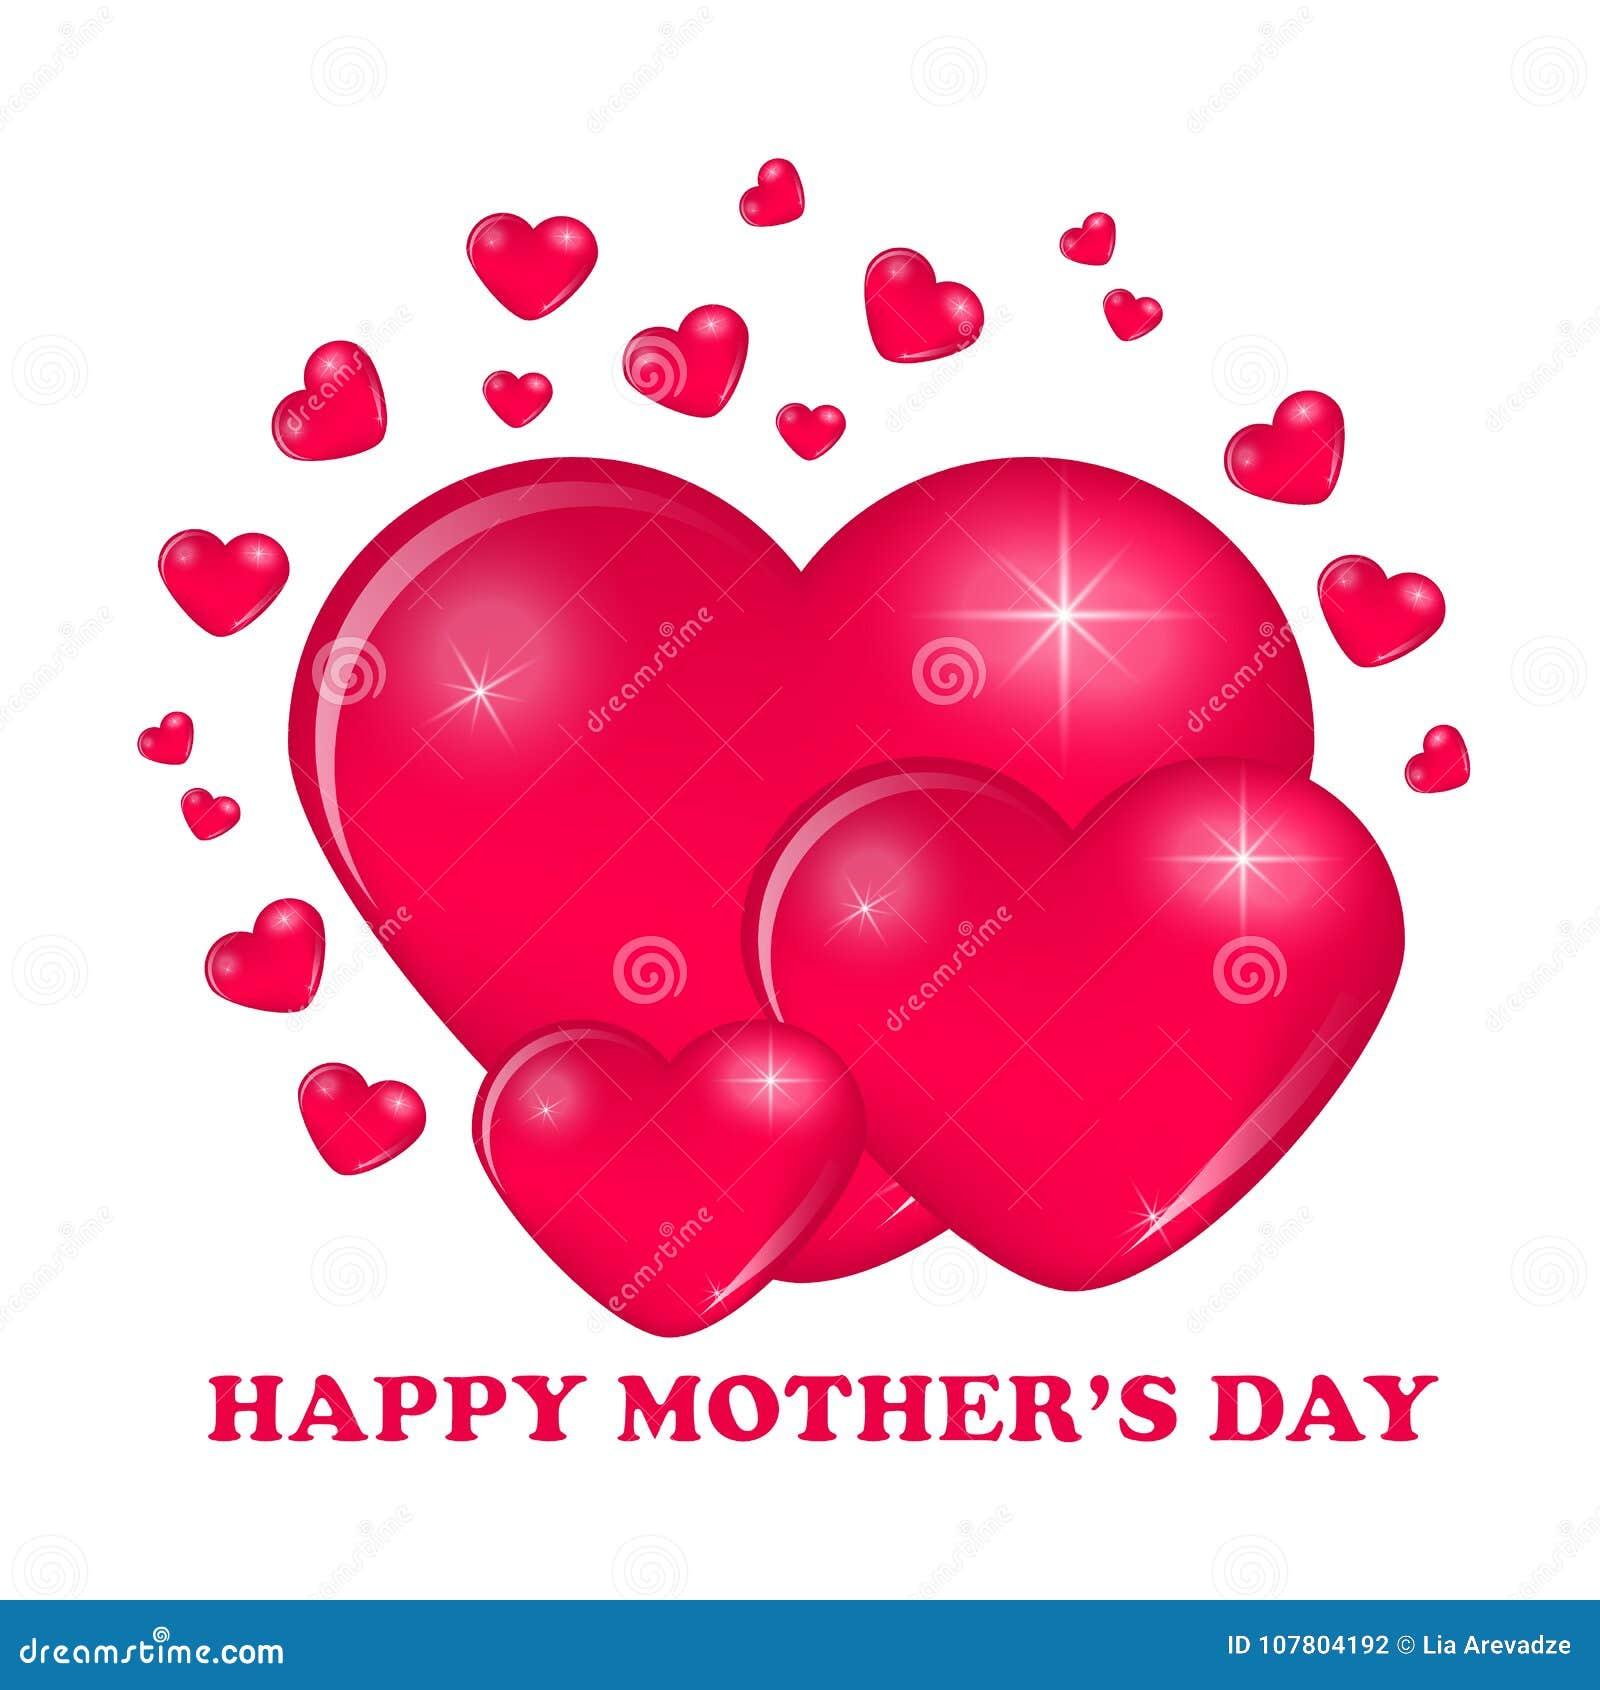 Corazones Felices Del Diseño De Tarjeta Del Día De La Madre